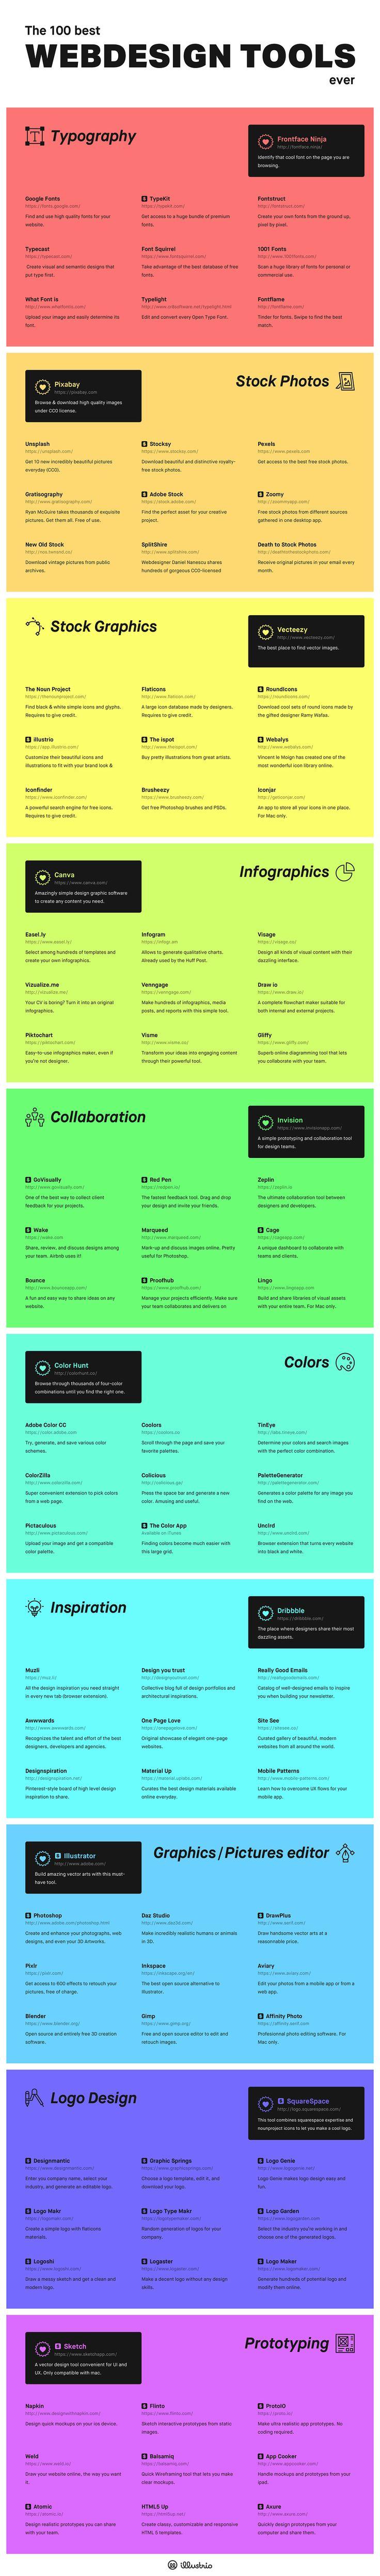 Infográfico: 100 ferramentas úteis para webdesigners • IFDBlog